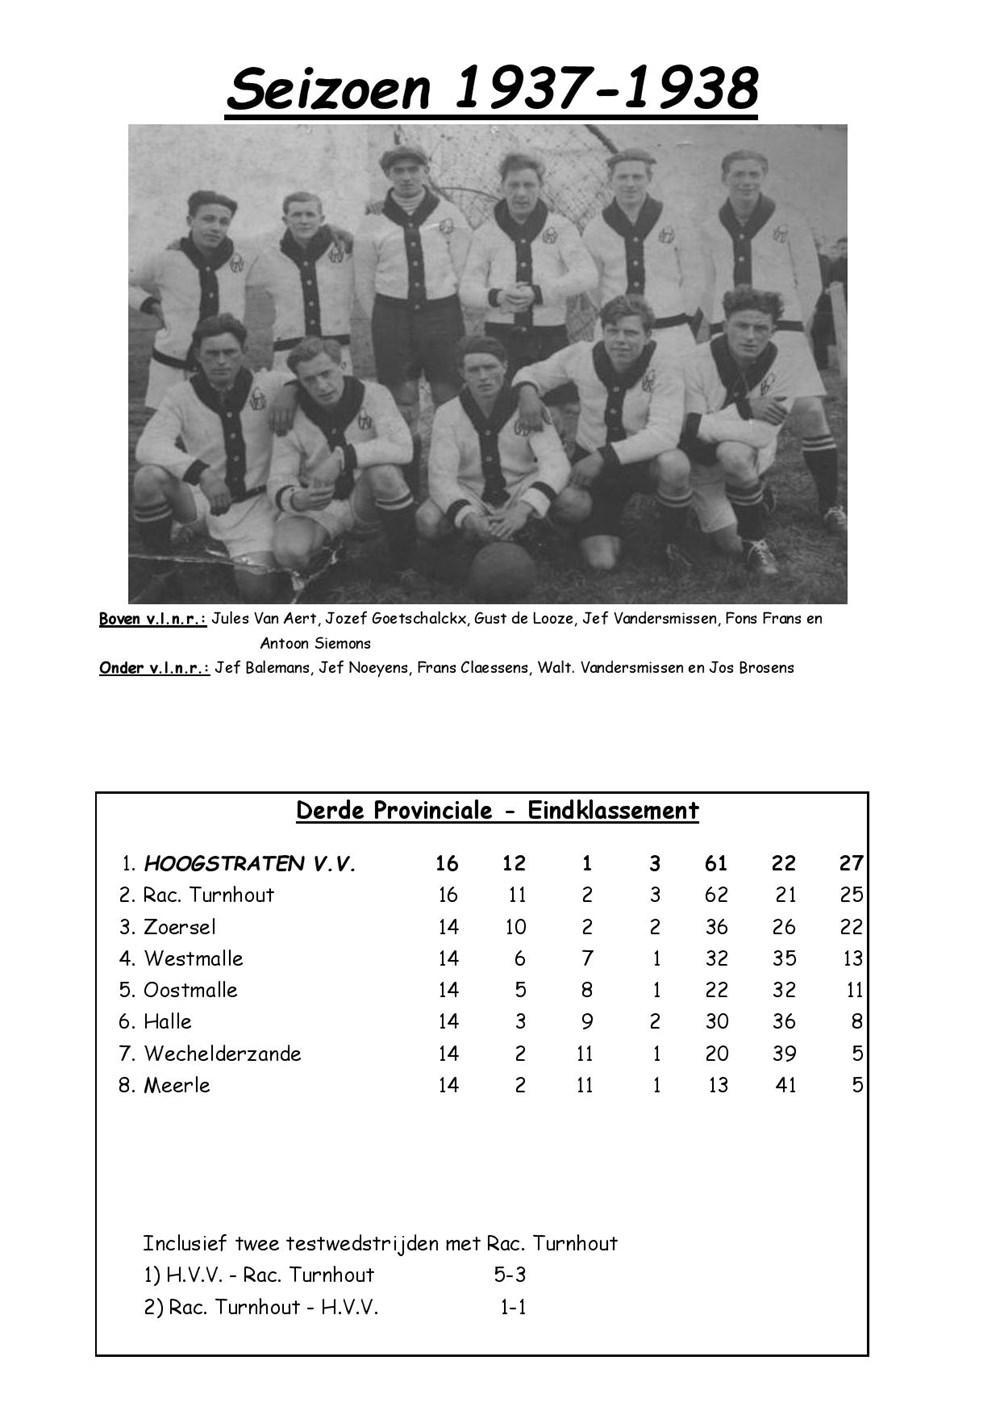 seizoen_1937-1938-page-001.jpg